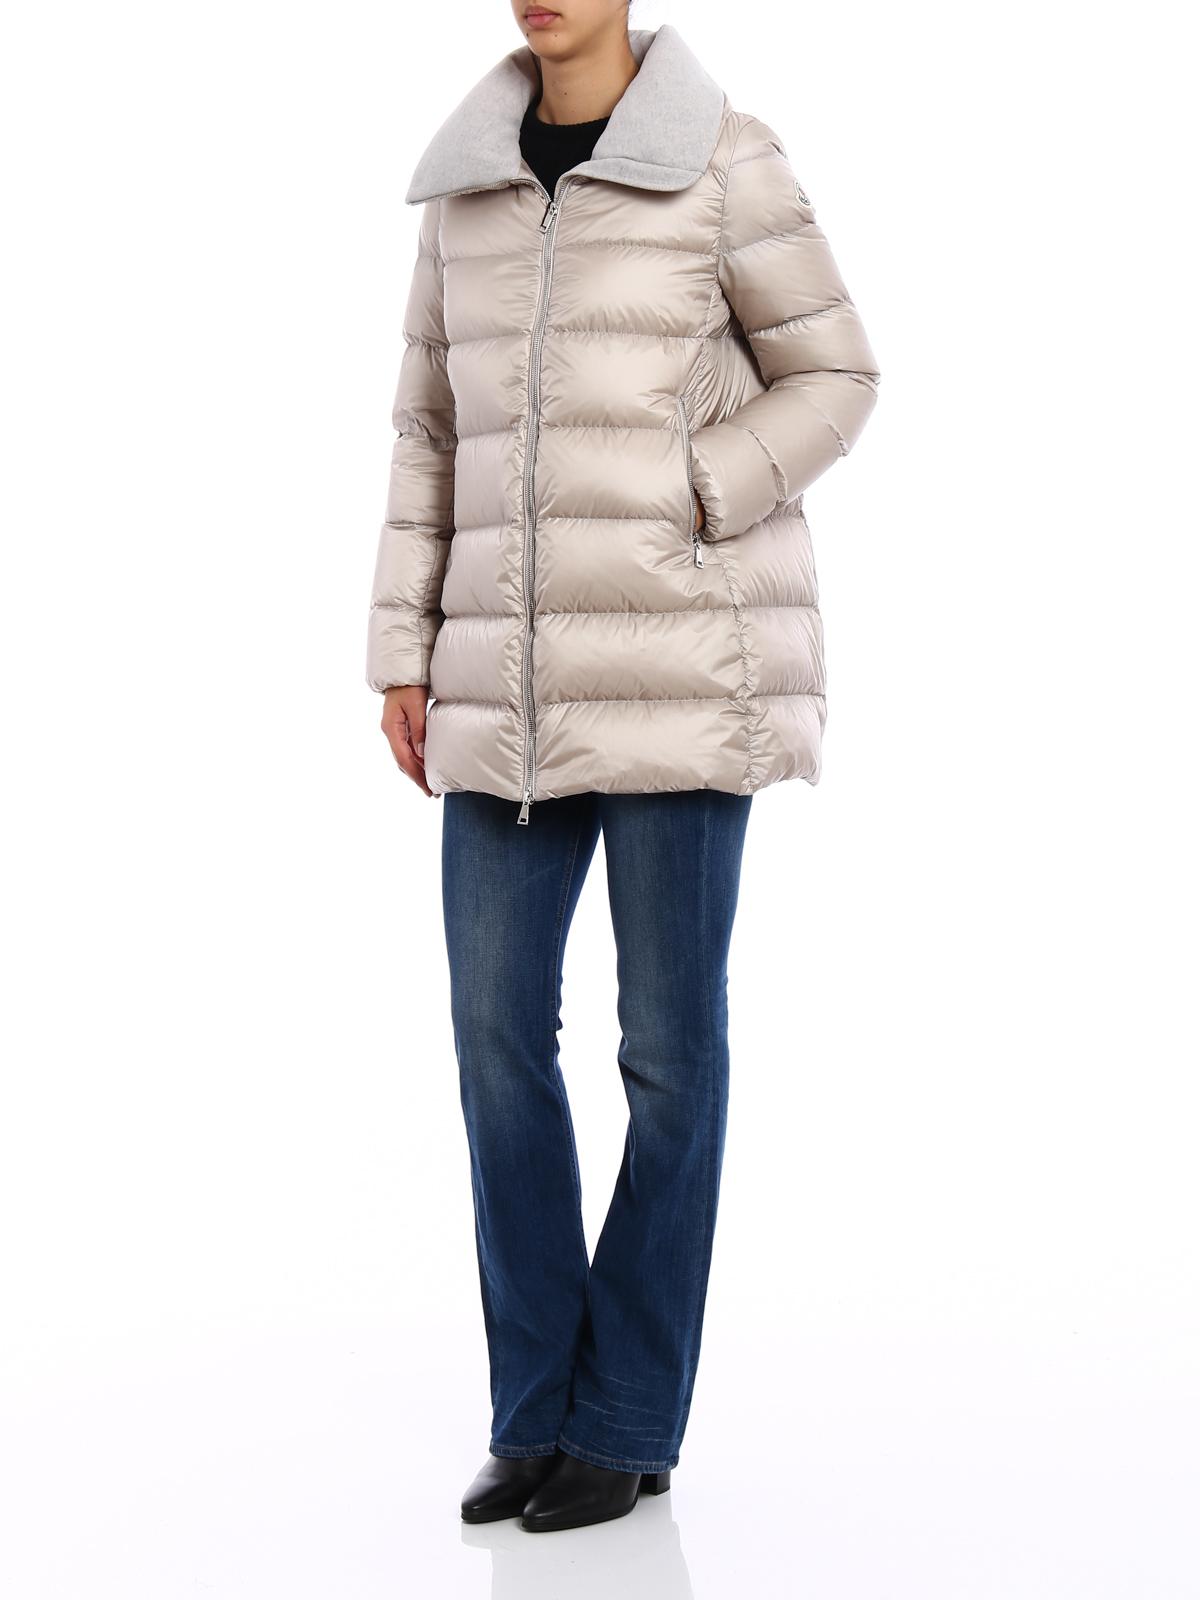 Moncler Piumino beige trapuntato Torcyn cappotti